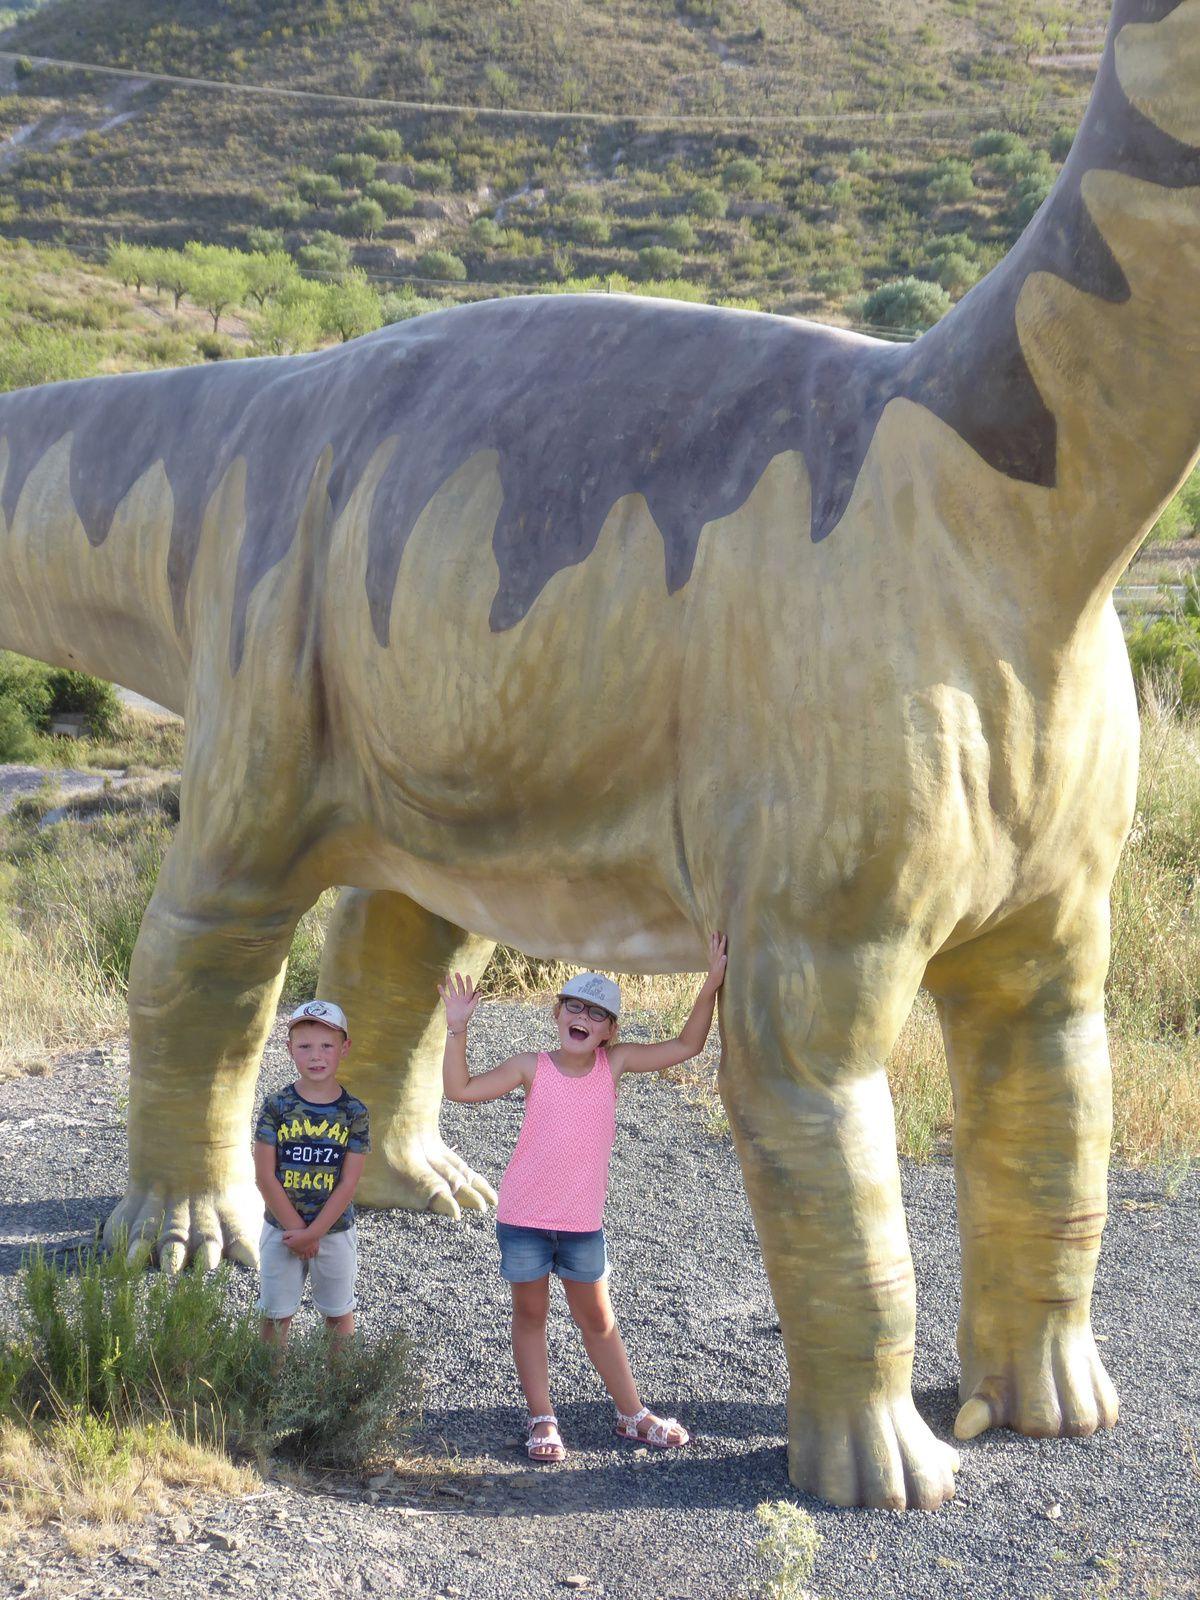 Espagne 2019 #6 Igea et traces de dinosaures